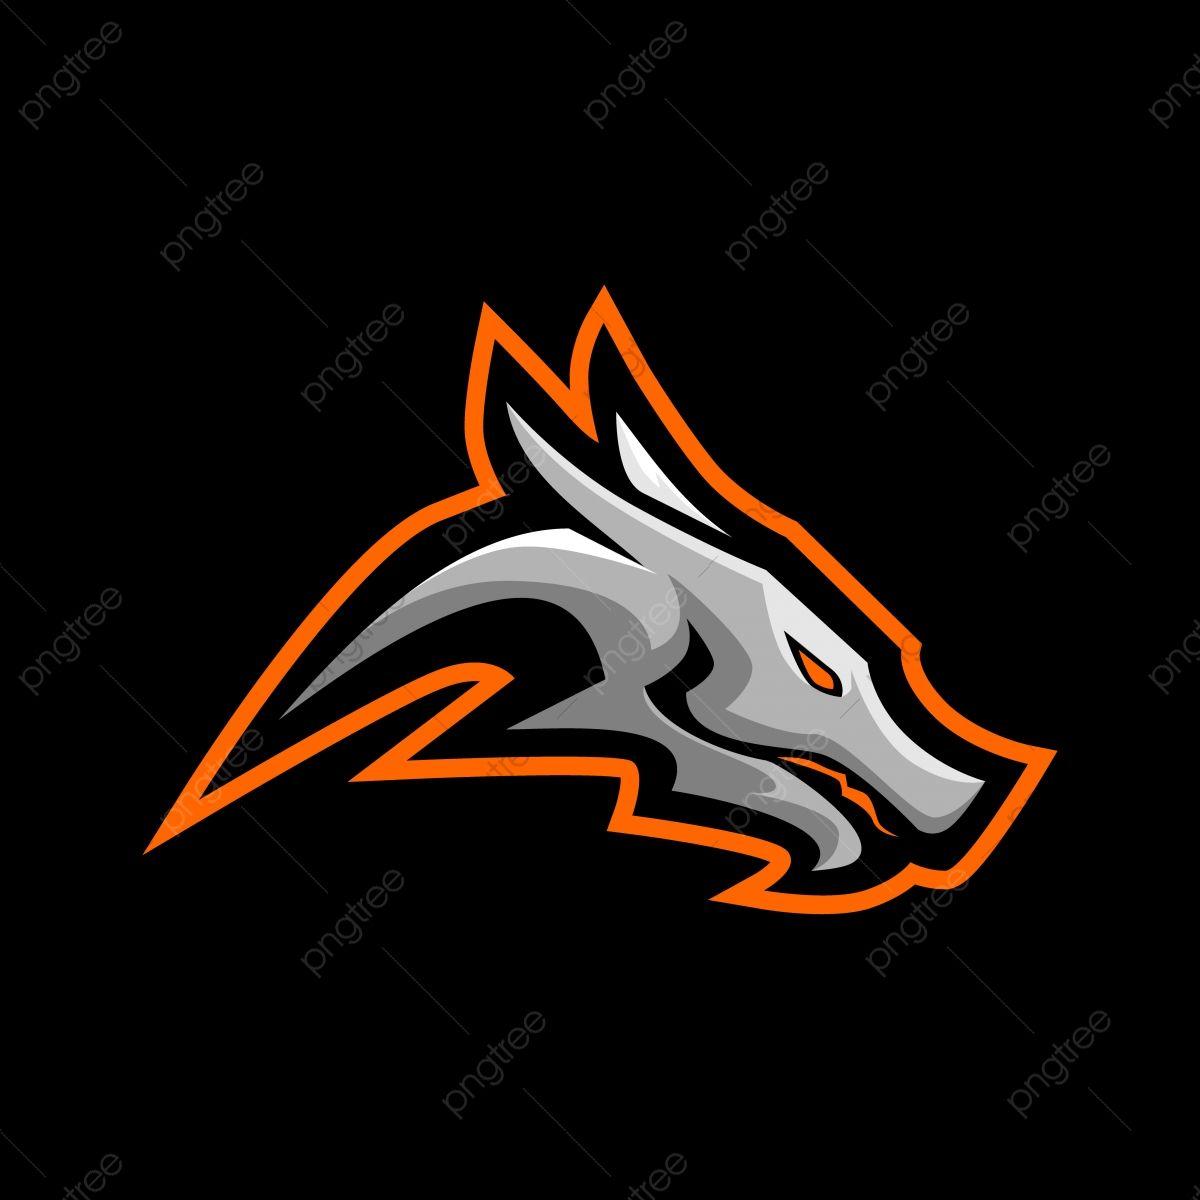 Logotipo Do Dragon Head E S Logo Icones Icones De Dragao Imagem Png E Vetor Para Download Gratuito Dragon Icon Photo Logo Design Logo Design Art